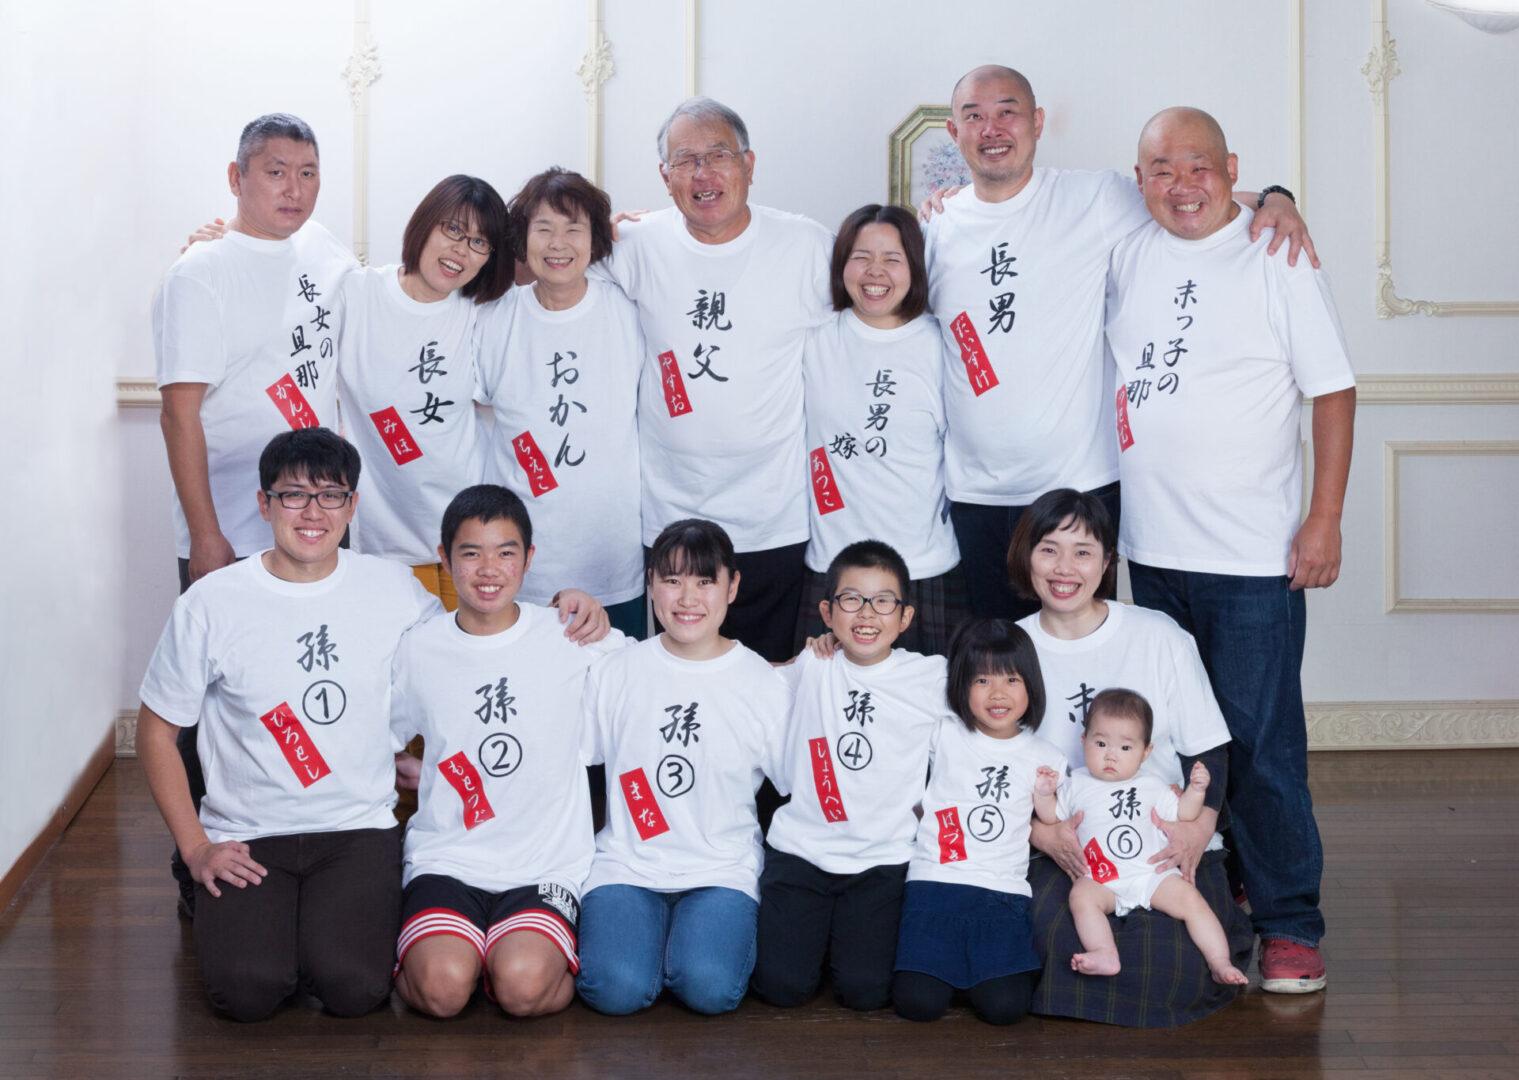 みなみフォトデザイン家族28